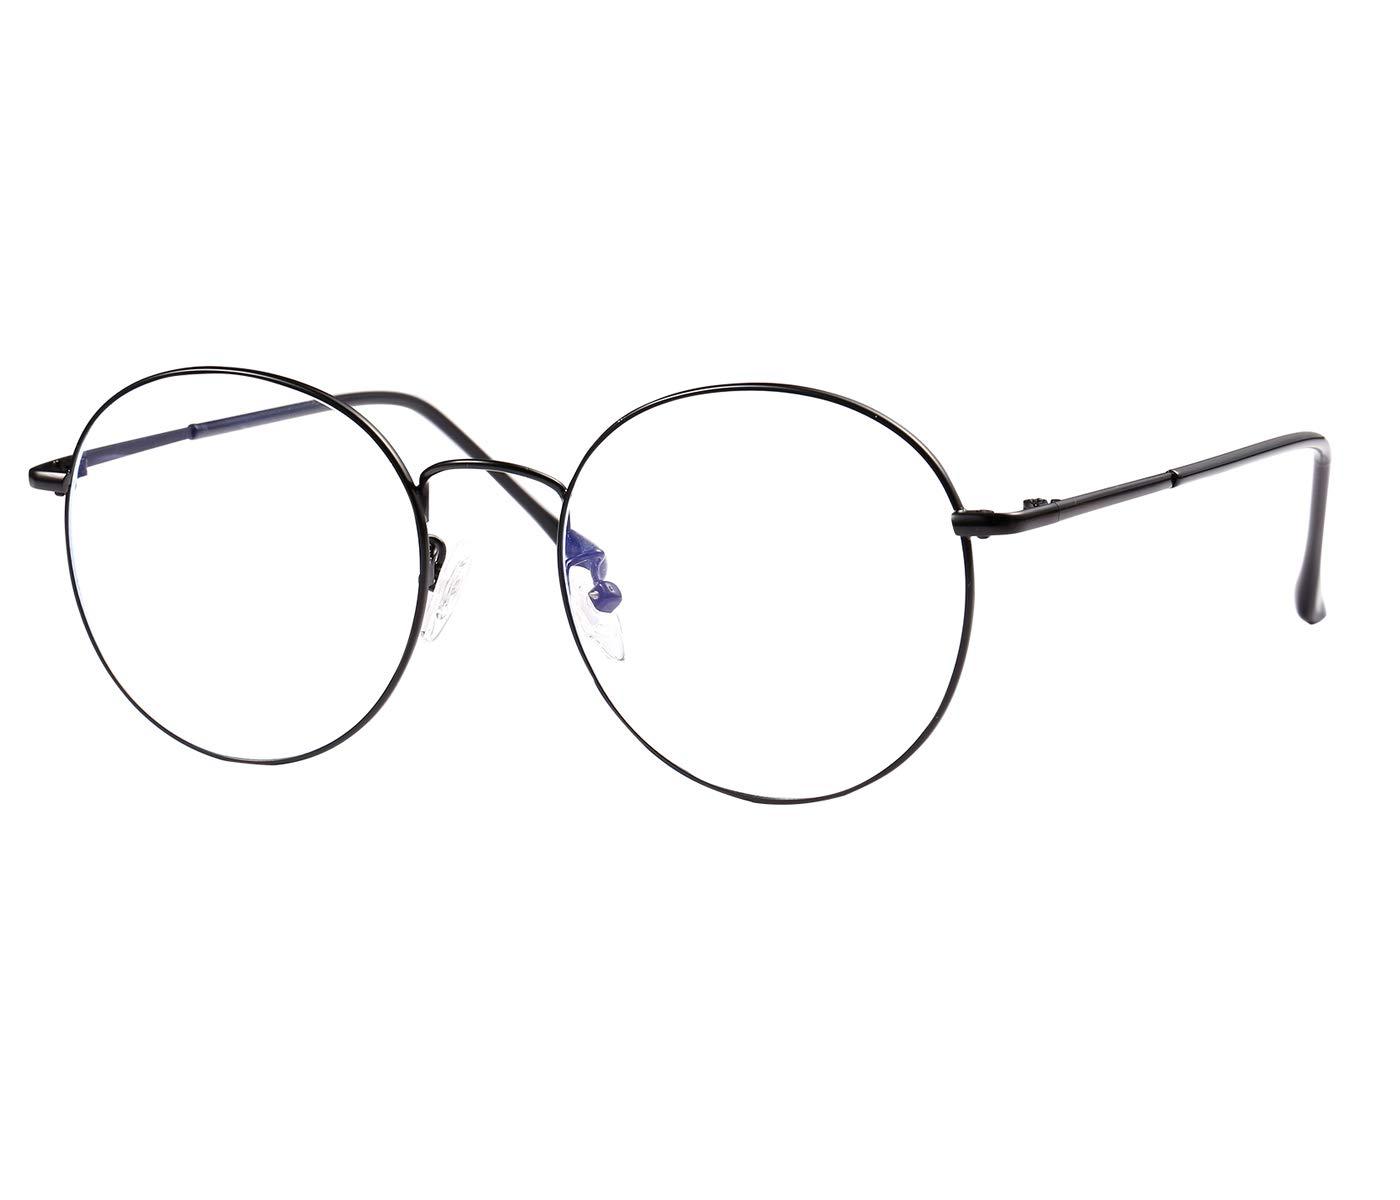 ROSA/&ROSE Antiriflesso Occhiali Luce Blu Bloccanti per il Blocco Della Cefalea UV Anti Eyestrain Occhiali Retr/ò con Lenti Trasparenti per Uomo Donna